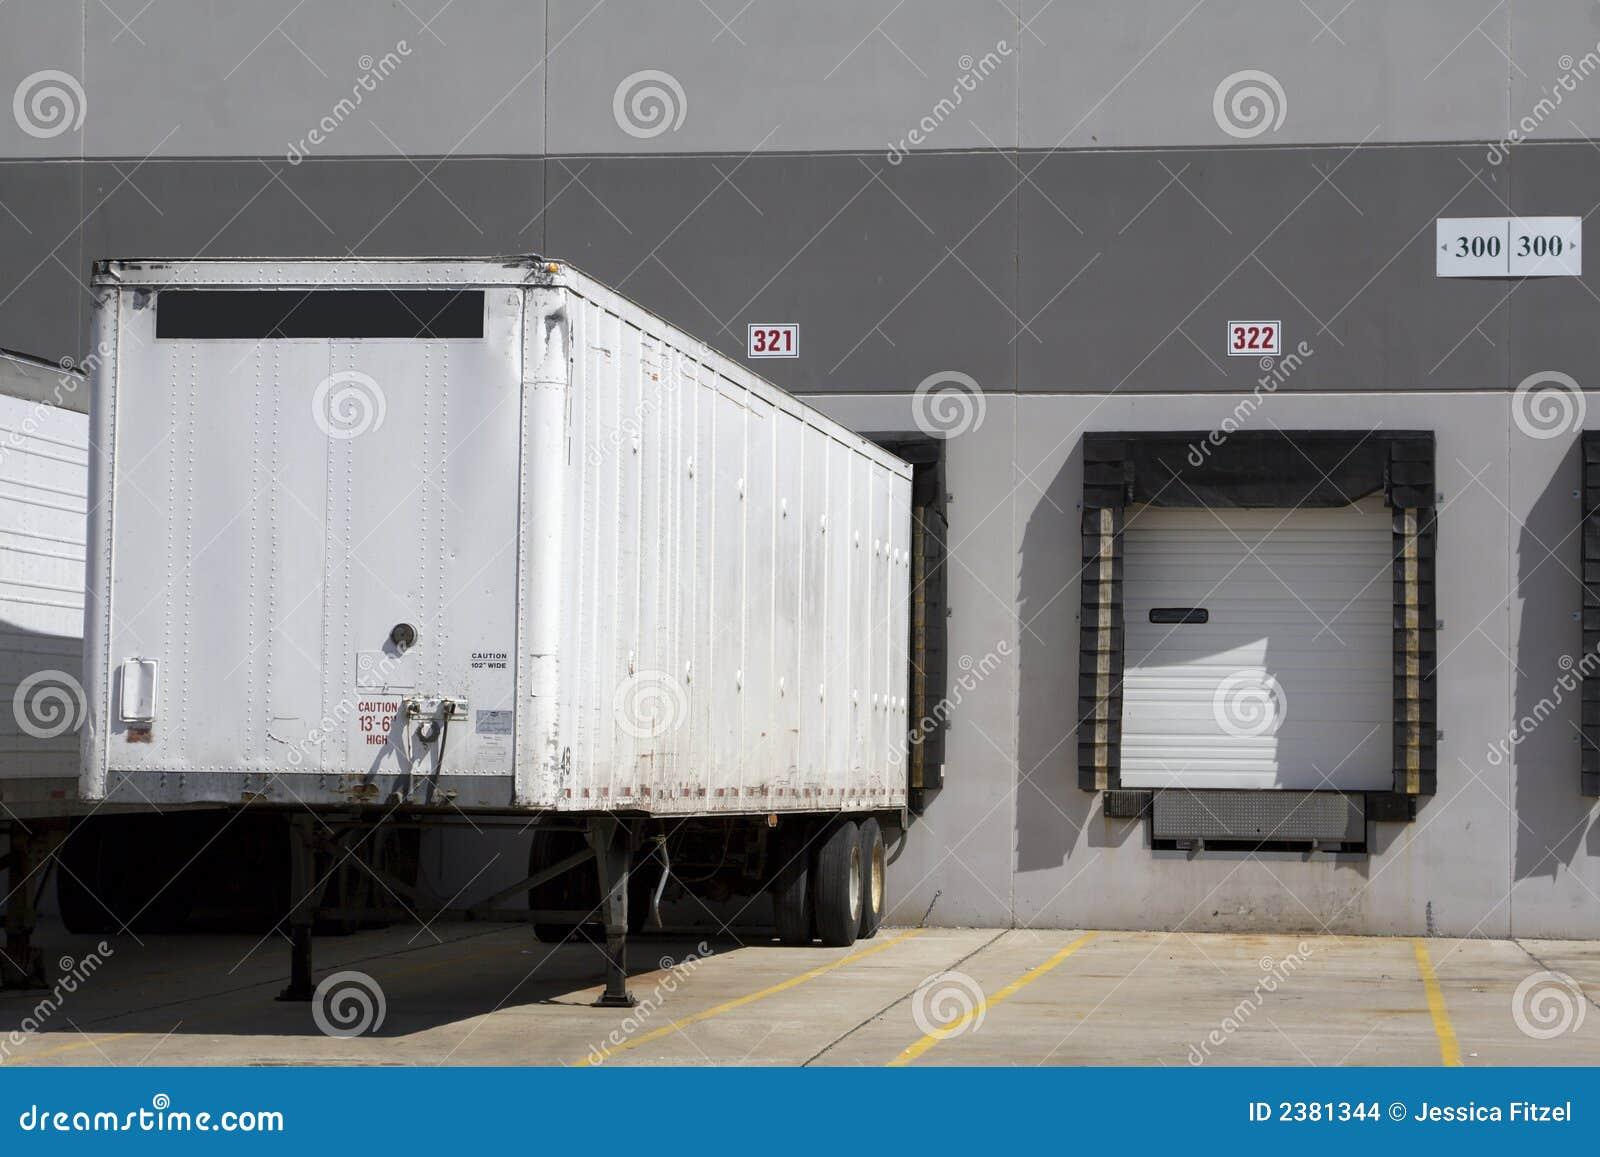 Immagazzini il caricamento del camion